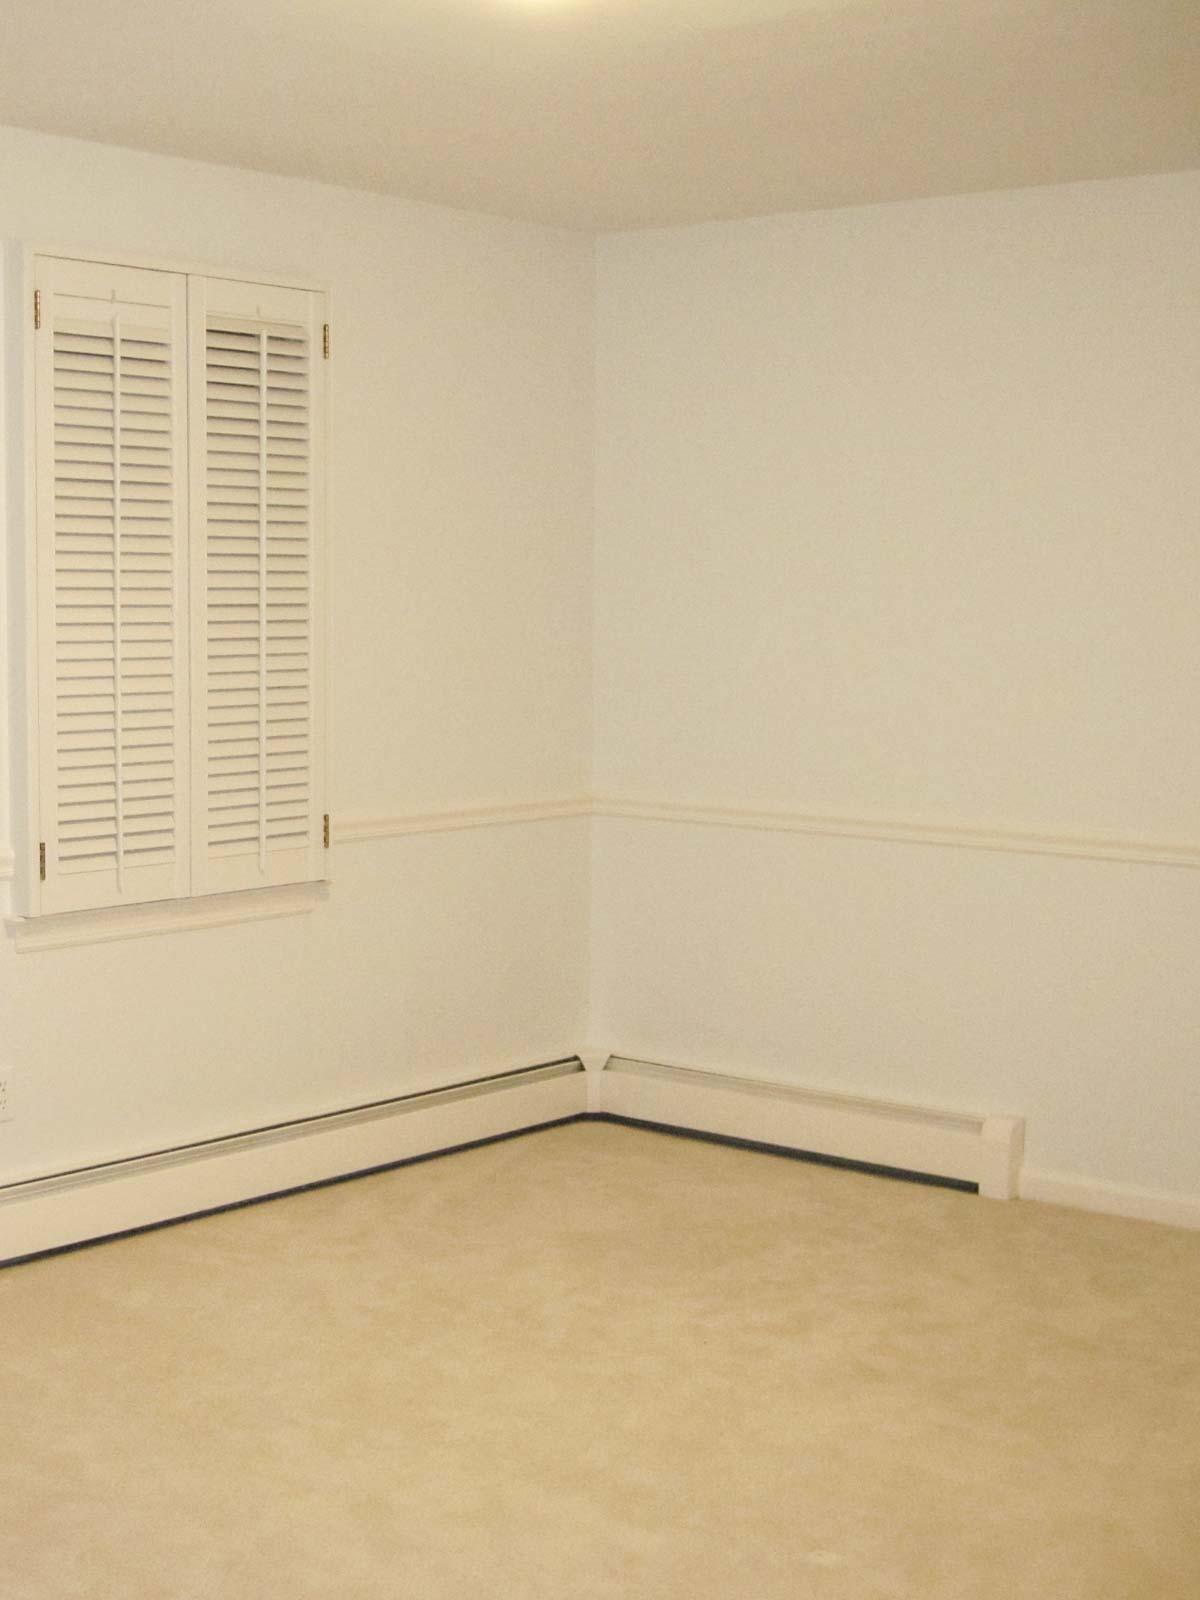 Home remodel: Teen bedroom before remodeling!